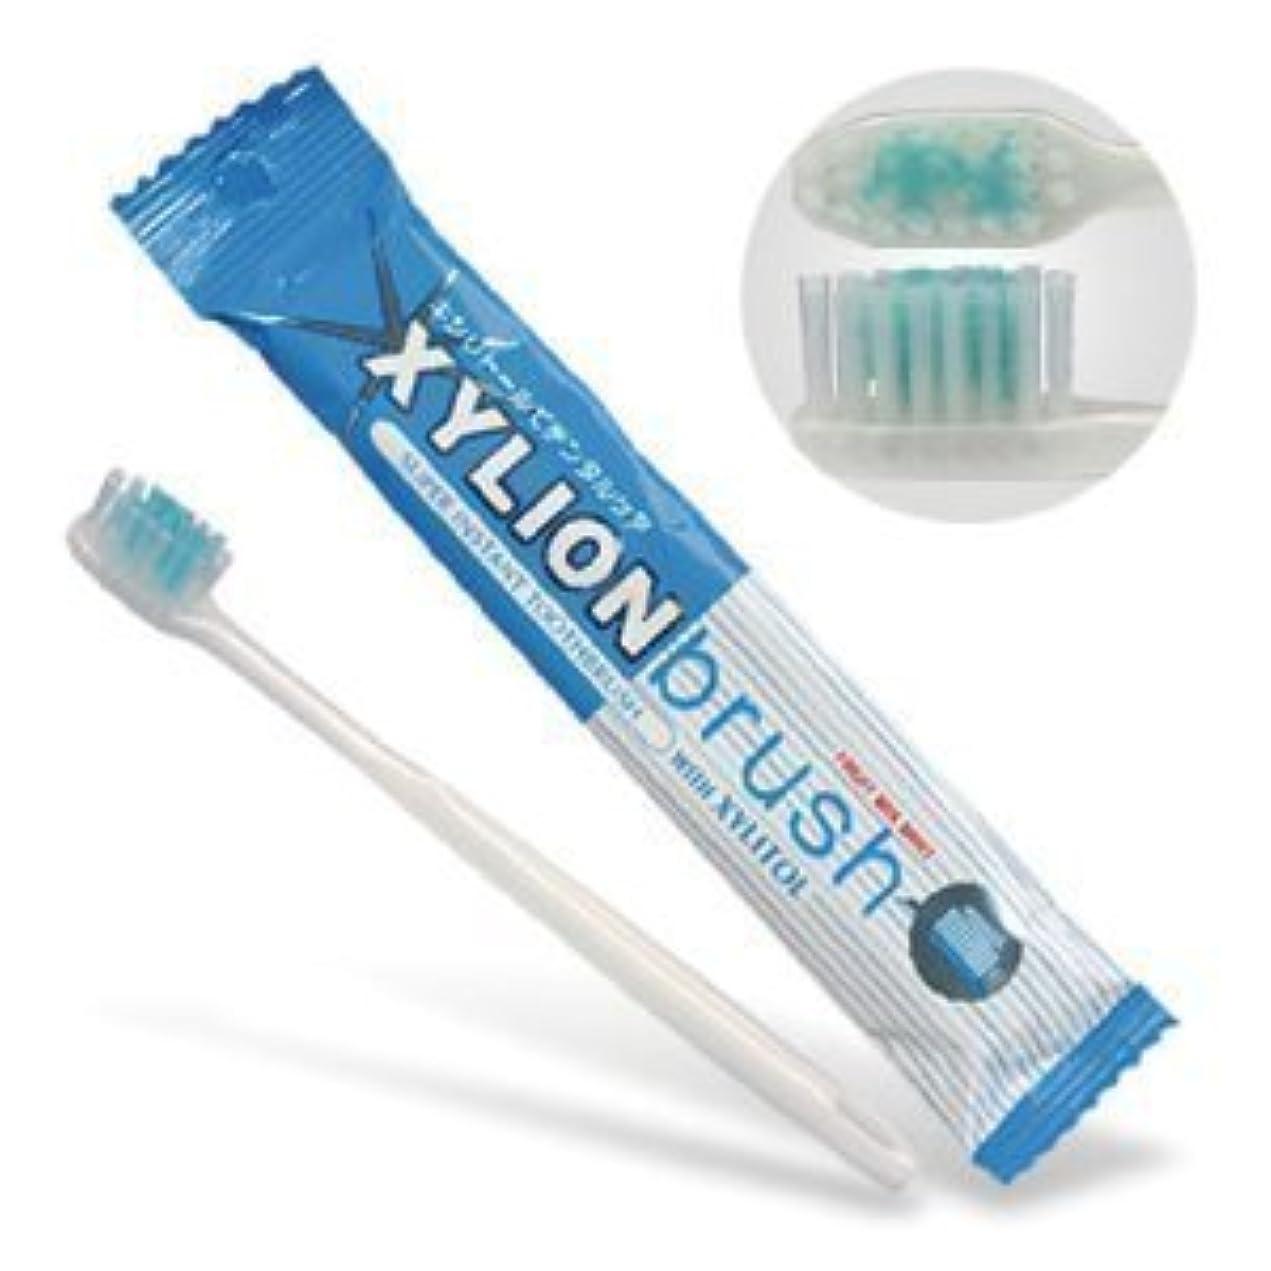 説明的掃く評価するキシリオンブラシ (XYLION brush) 10本